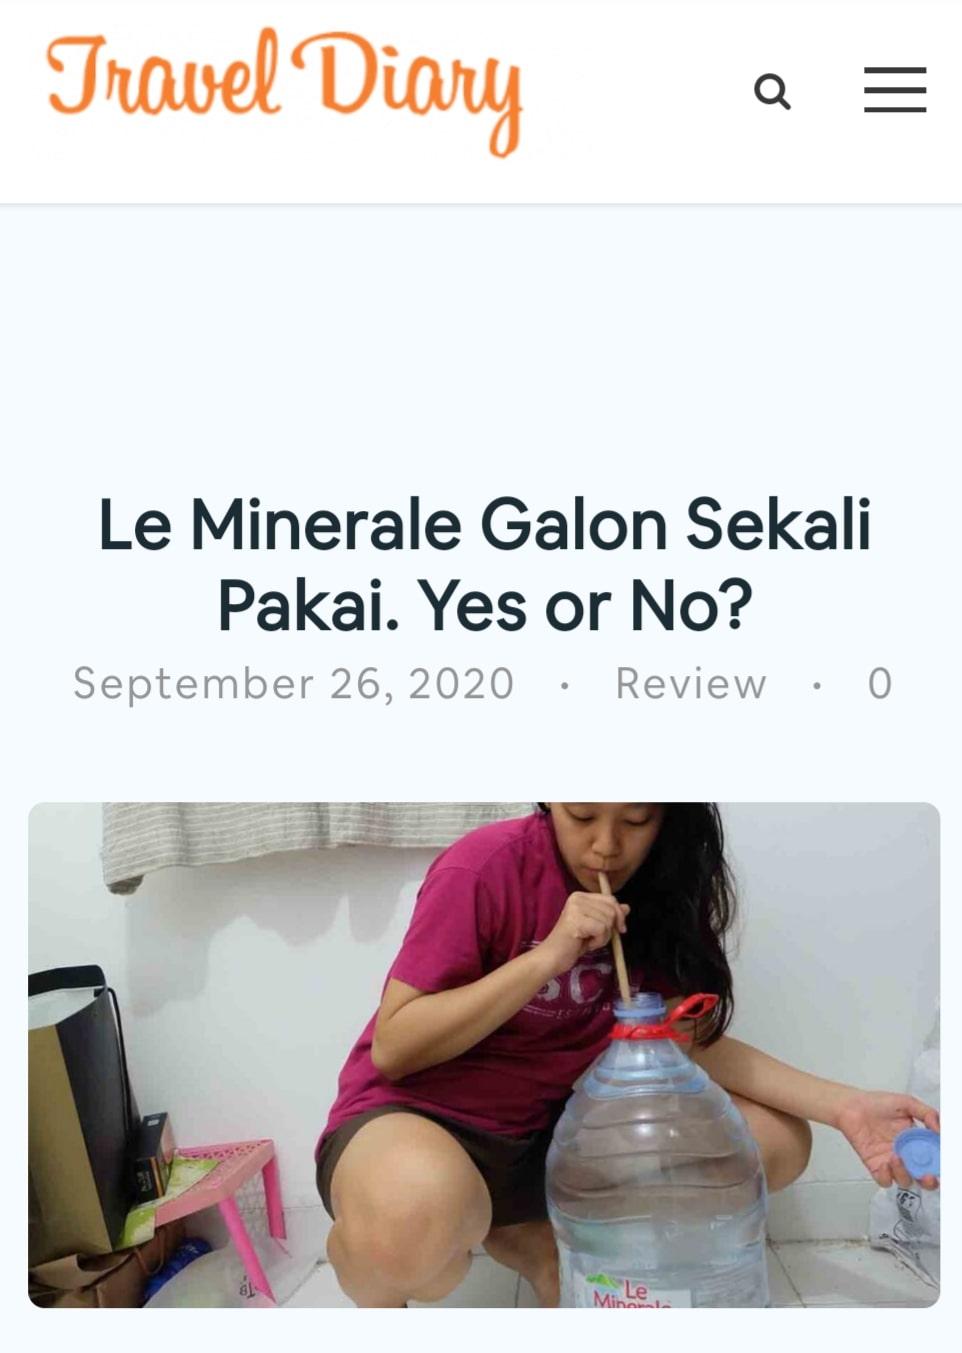 Kontroversi galon sekali pakai Le Minerale